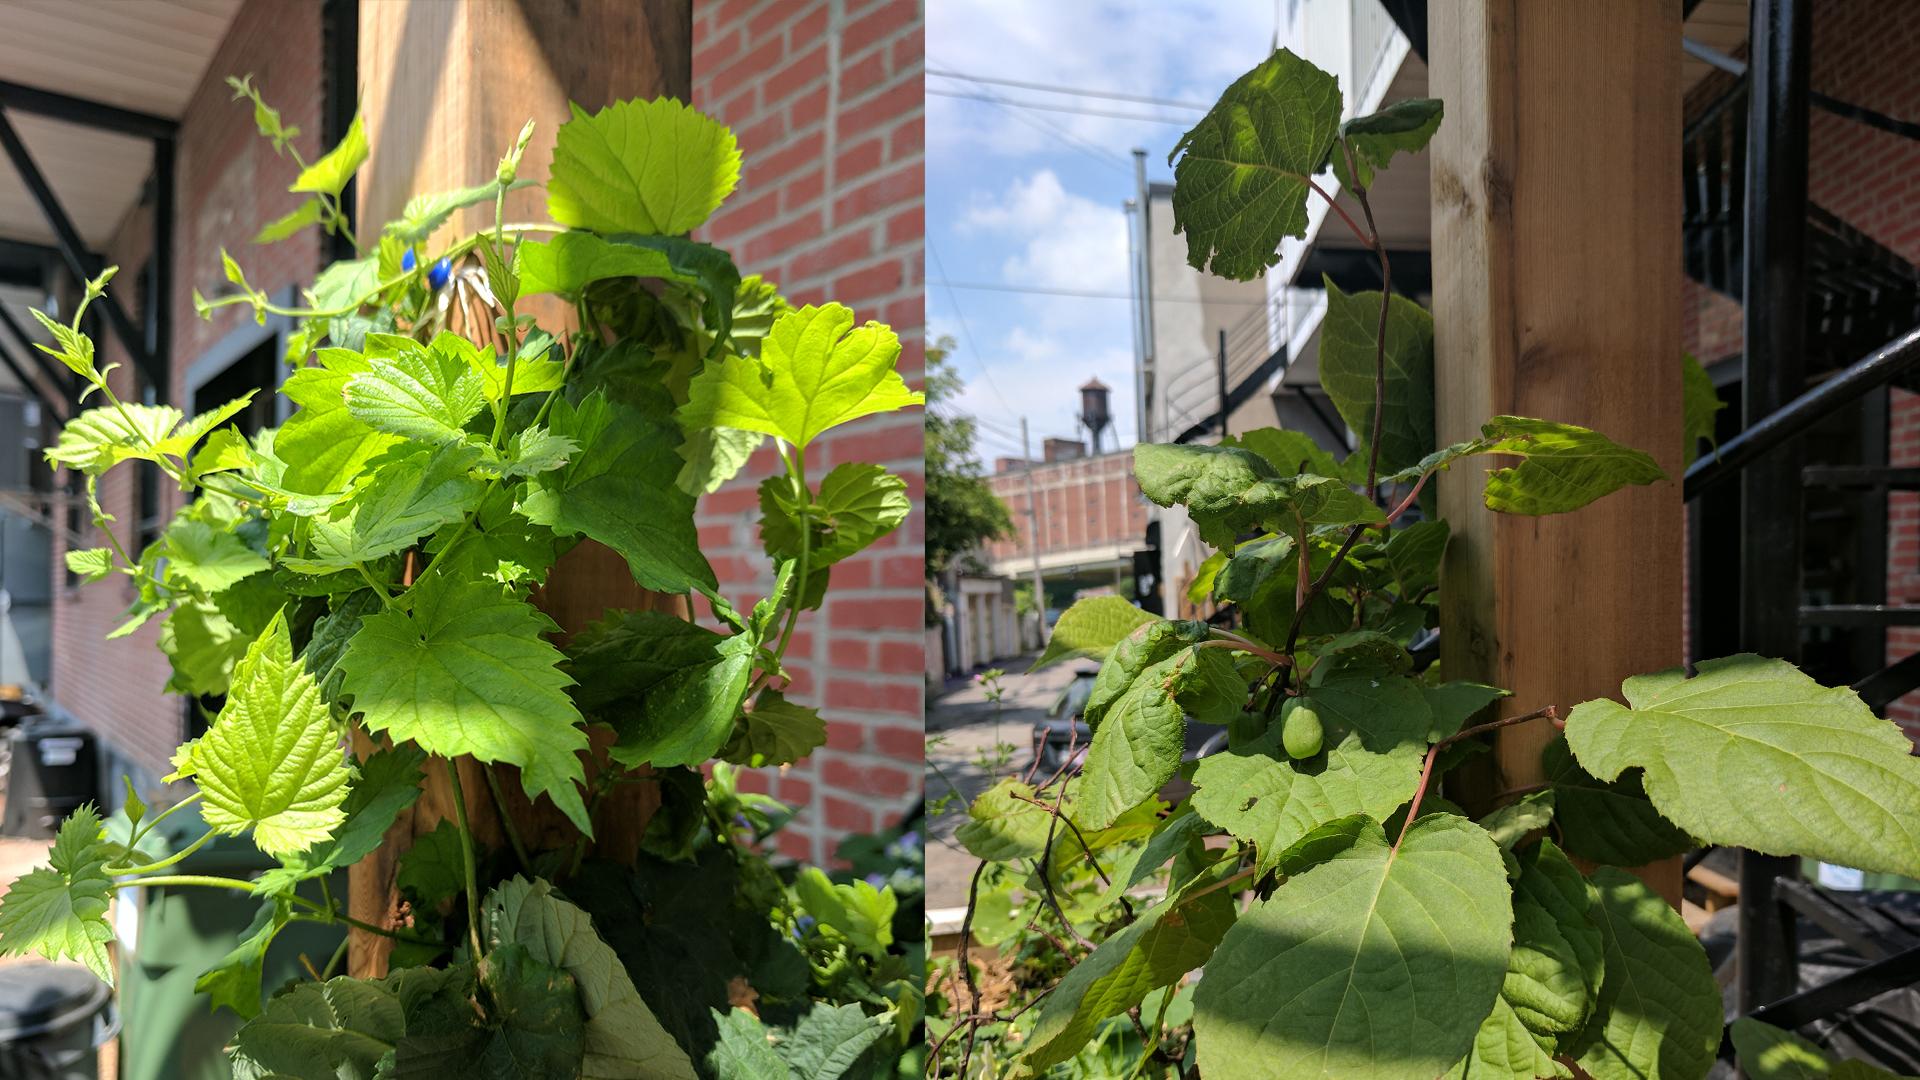 jour_de_la_terre_quebec_qc_blogue_article_trucs_astuces_cornelia_garbe_terrasse_mile_end_verdissement_plantation_vigne